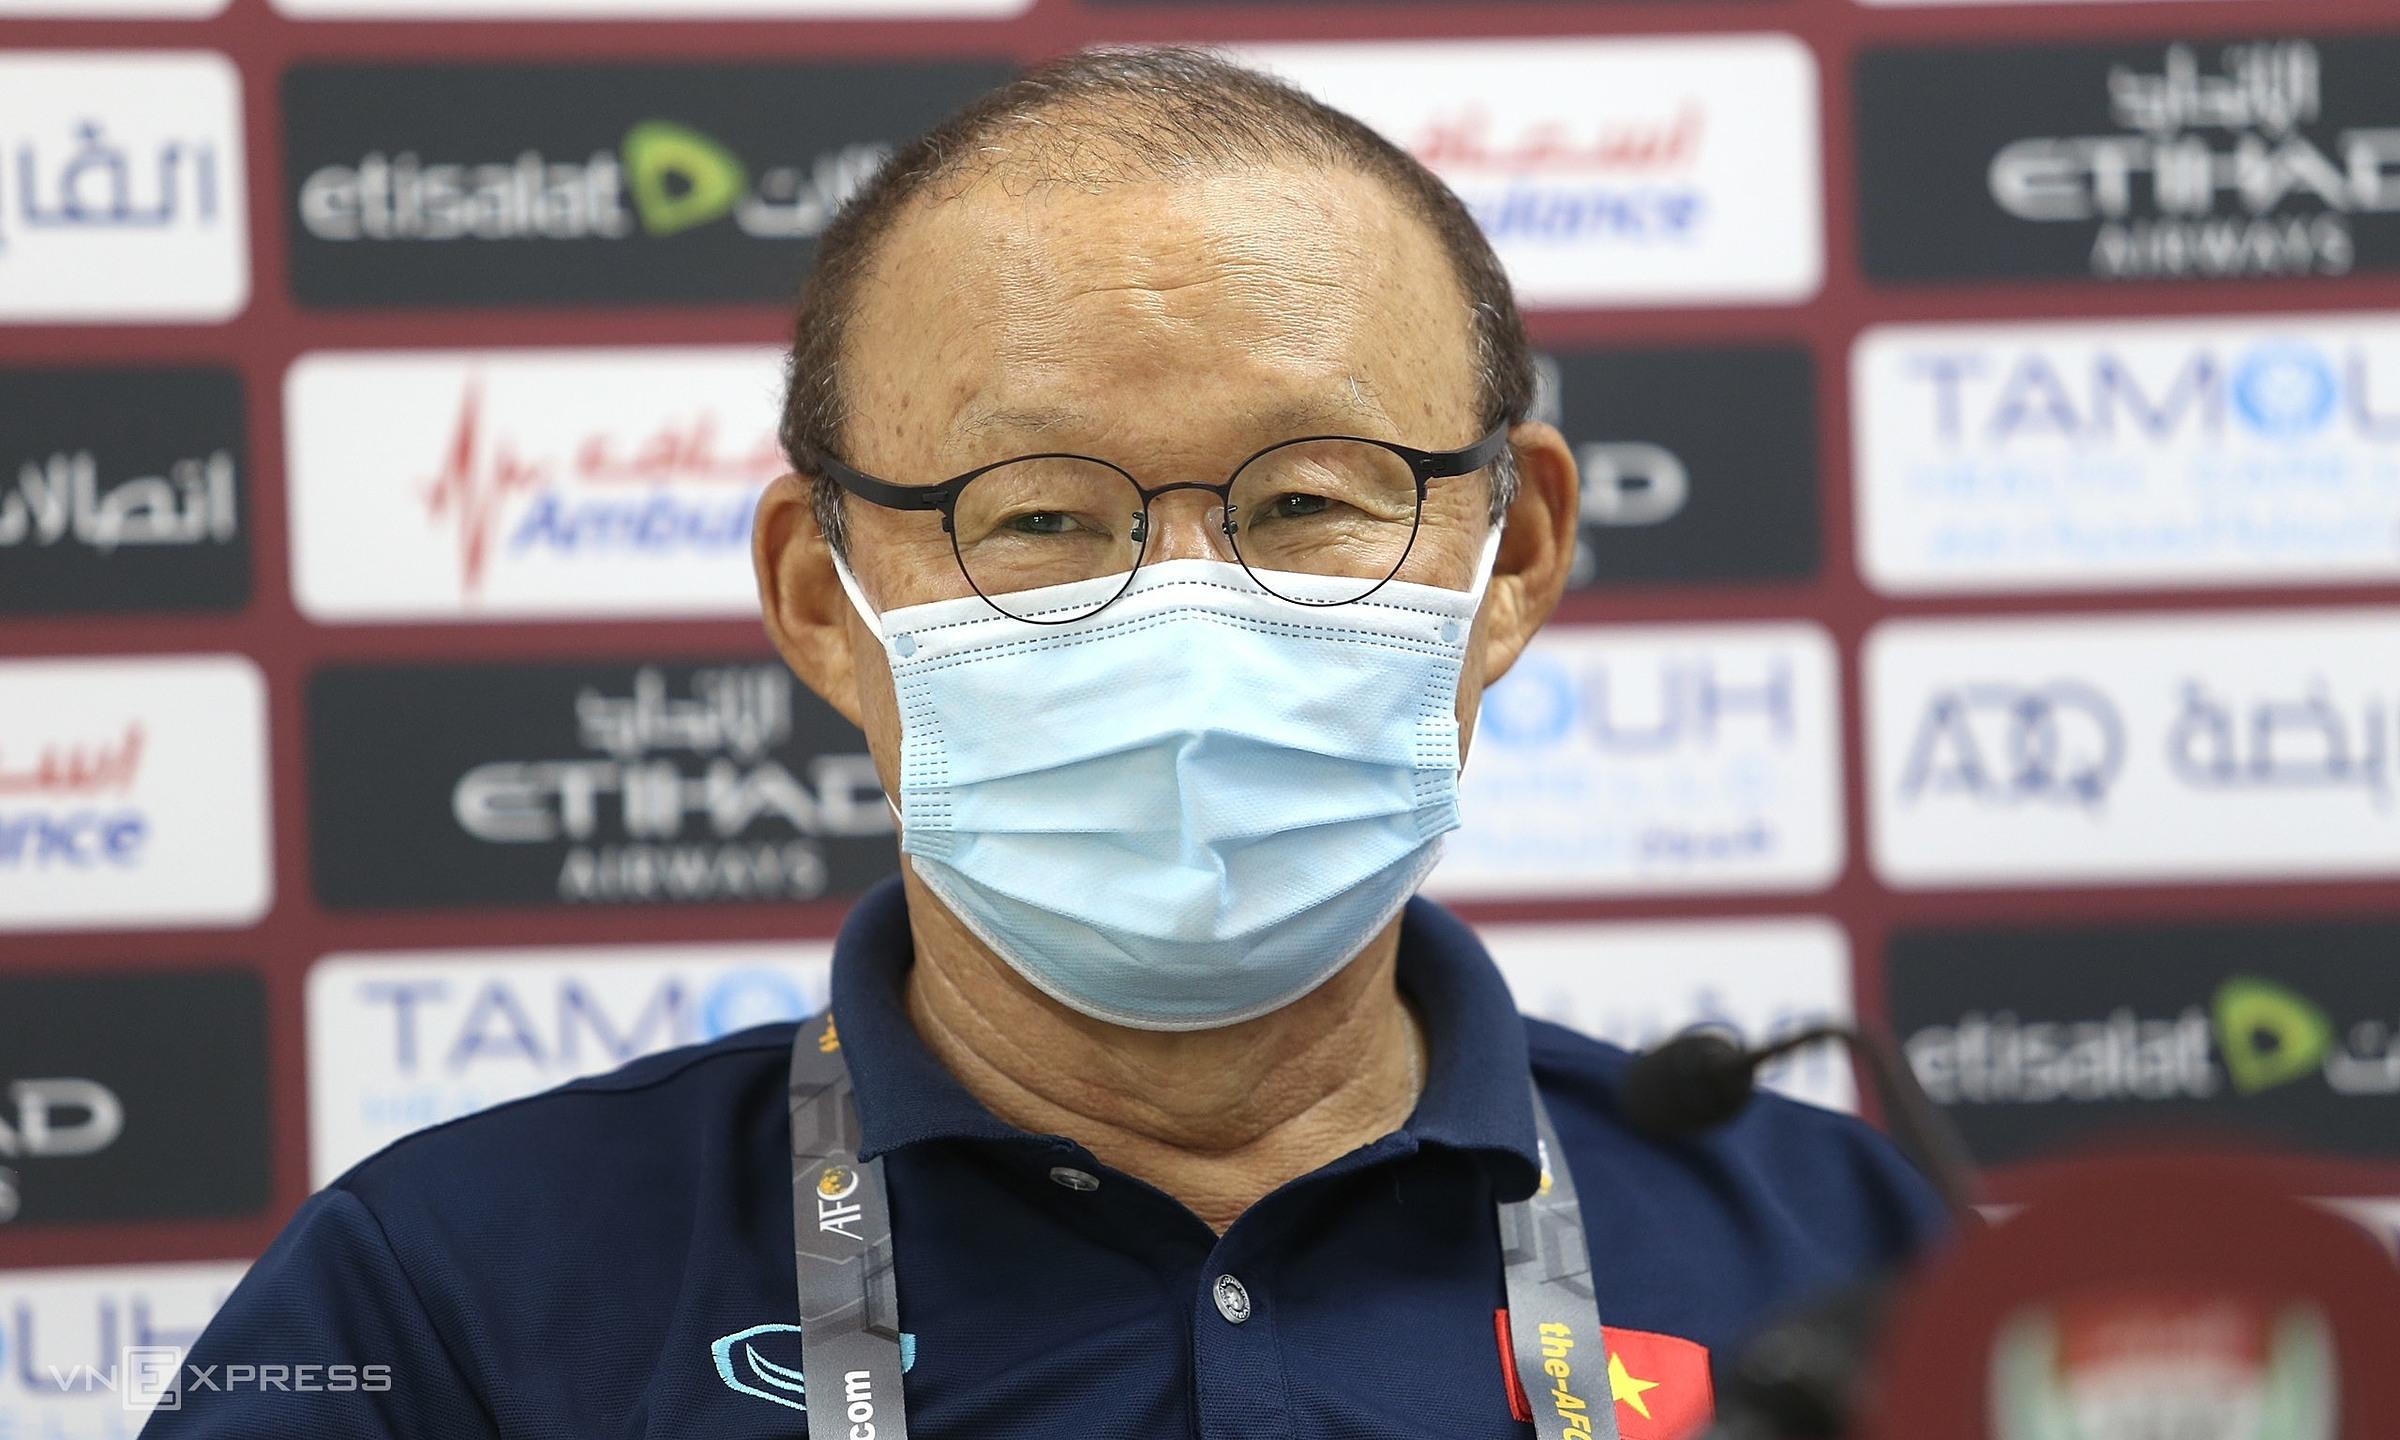 HLV Park bị cấm chỉ đạo trận gặp UAE nhưng vẫn được họp báo trước trận. Ảnh: Lâm Thoả